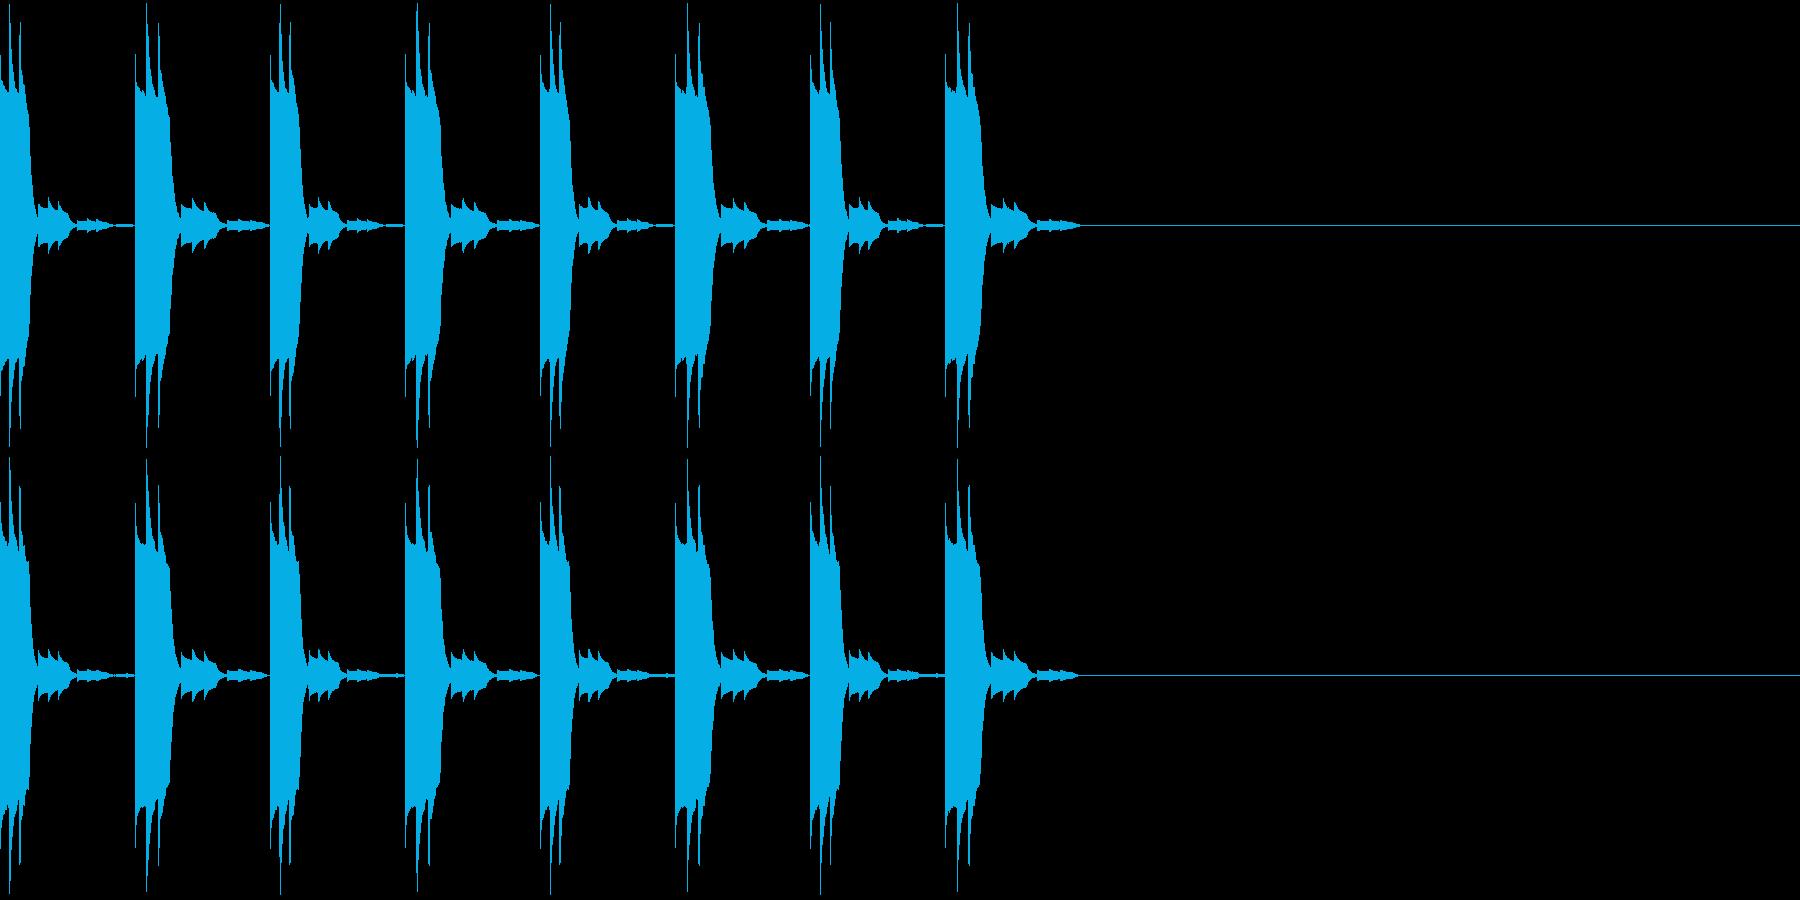 アラーム 時報 時計 着信音 ぴこぴこの再生済みの波形